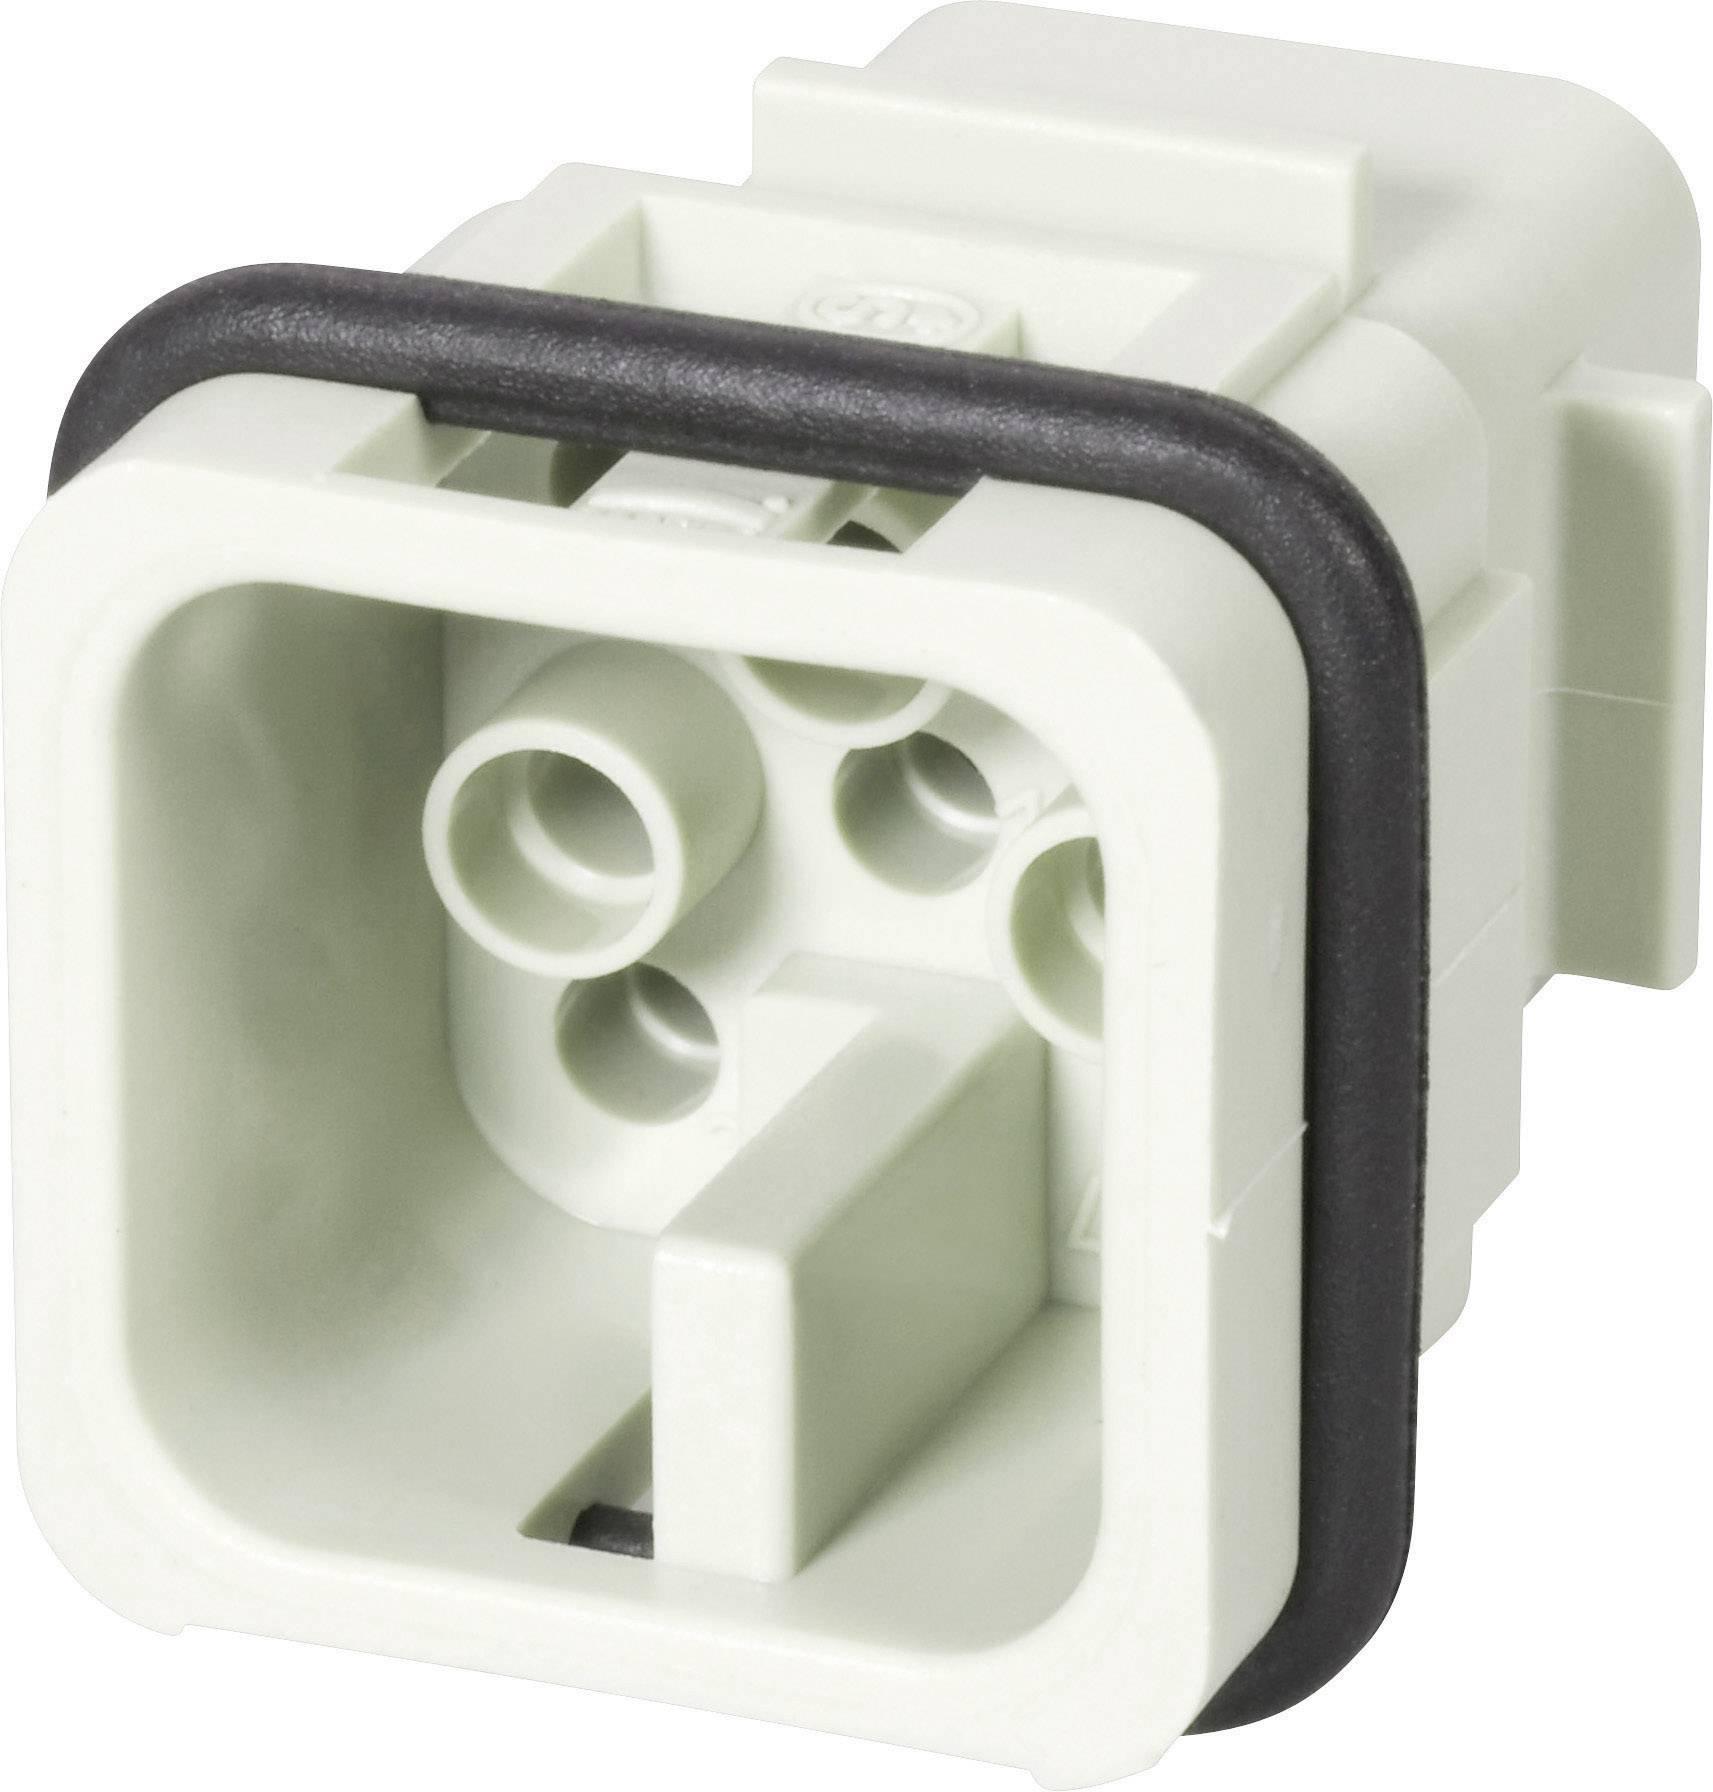 Vložka pinového konektoru Harting Han® D 09 21 007 3031, 7 + PE, krimpované připojení, 1 ks